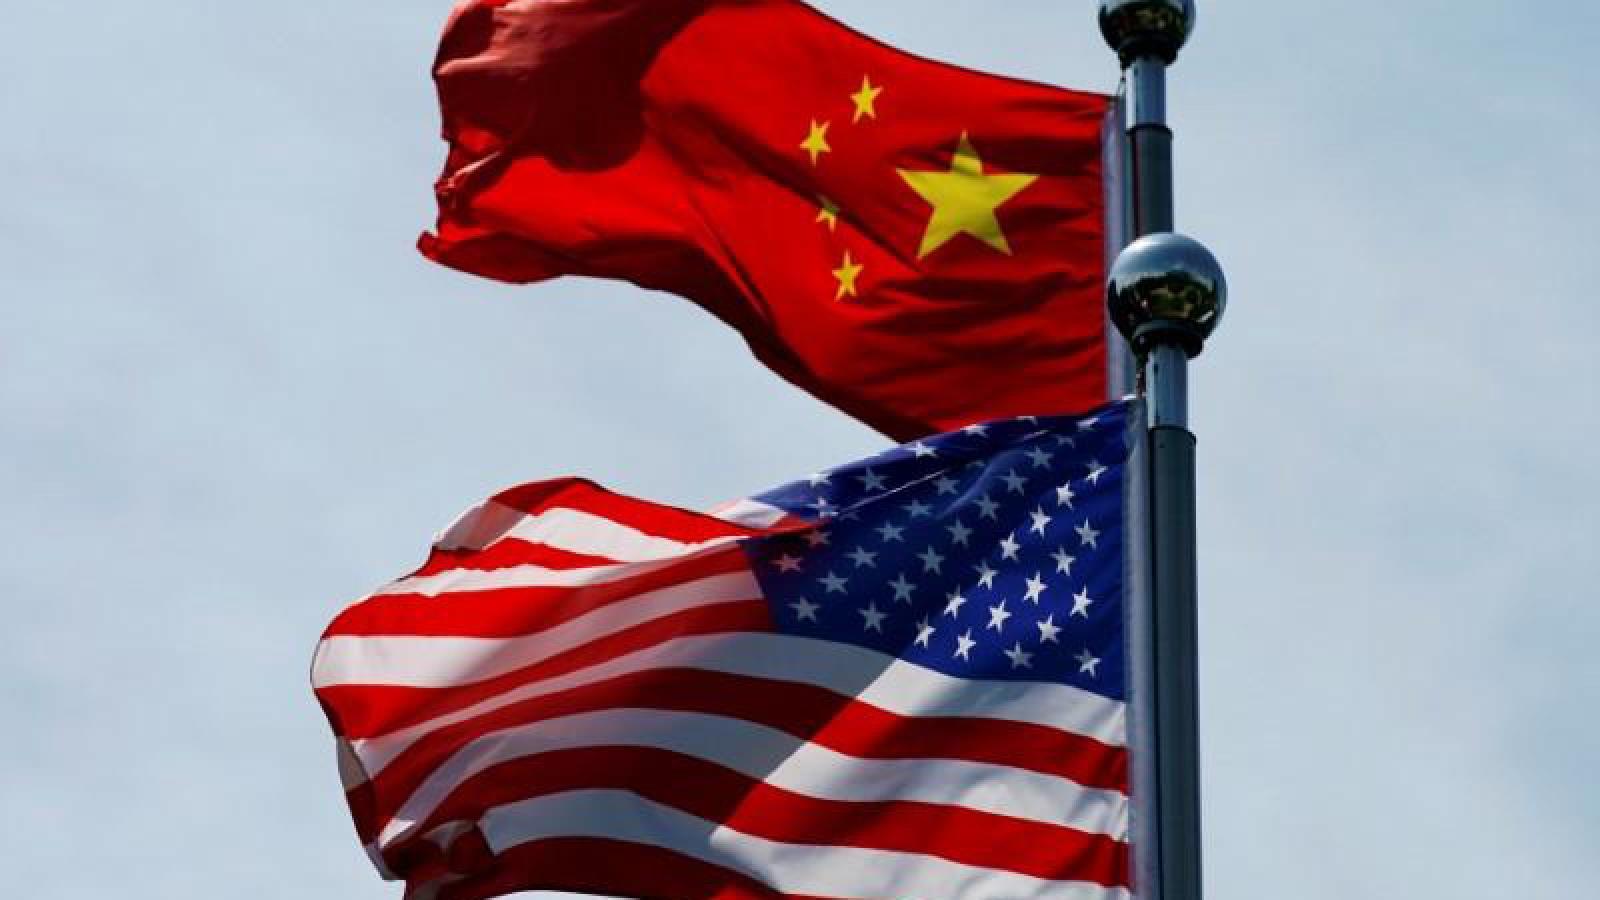 Phần lớn người Mỹ cho rằng Trung Quốc là mối đe dọa chính